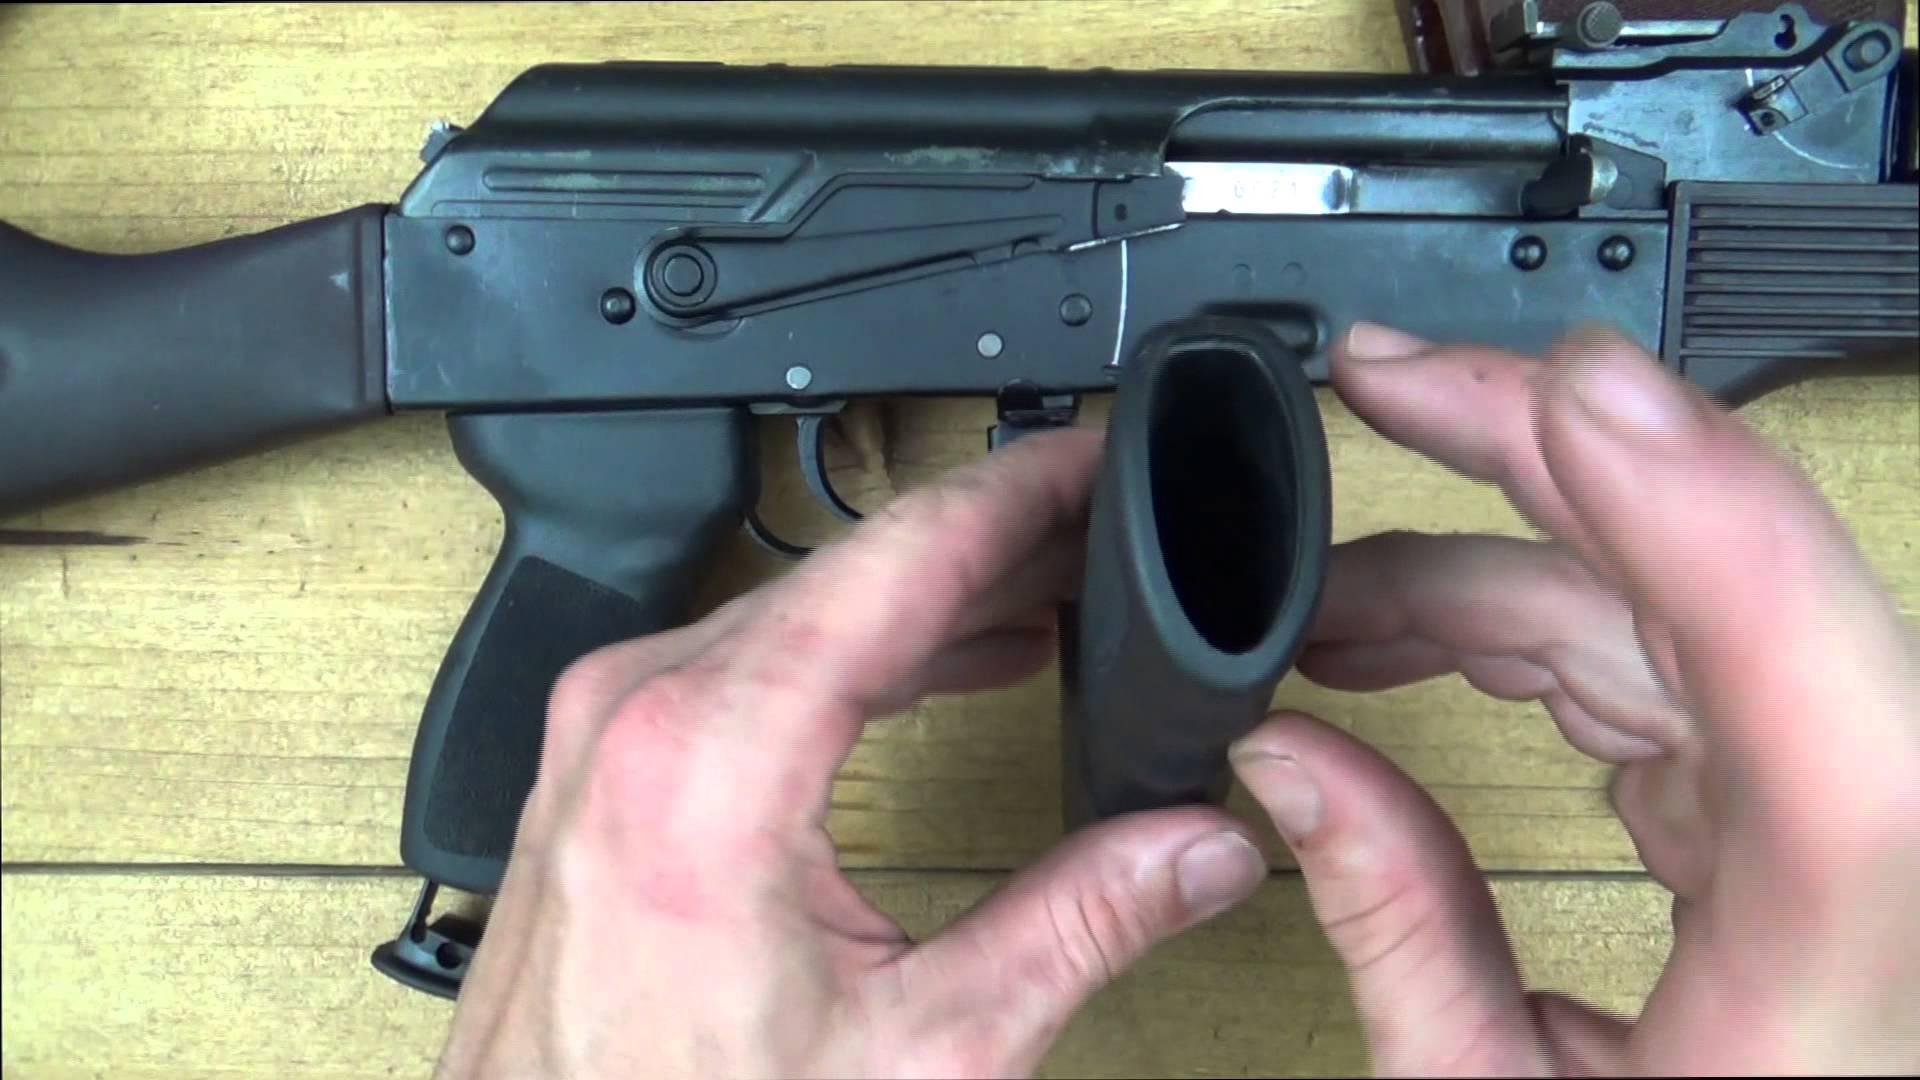 Ergo AK Grips